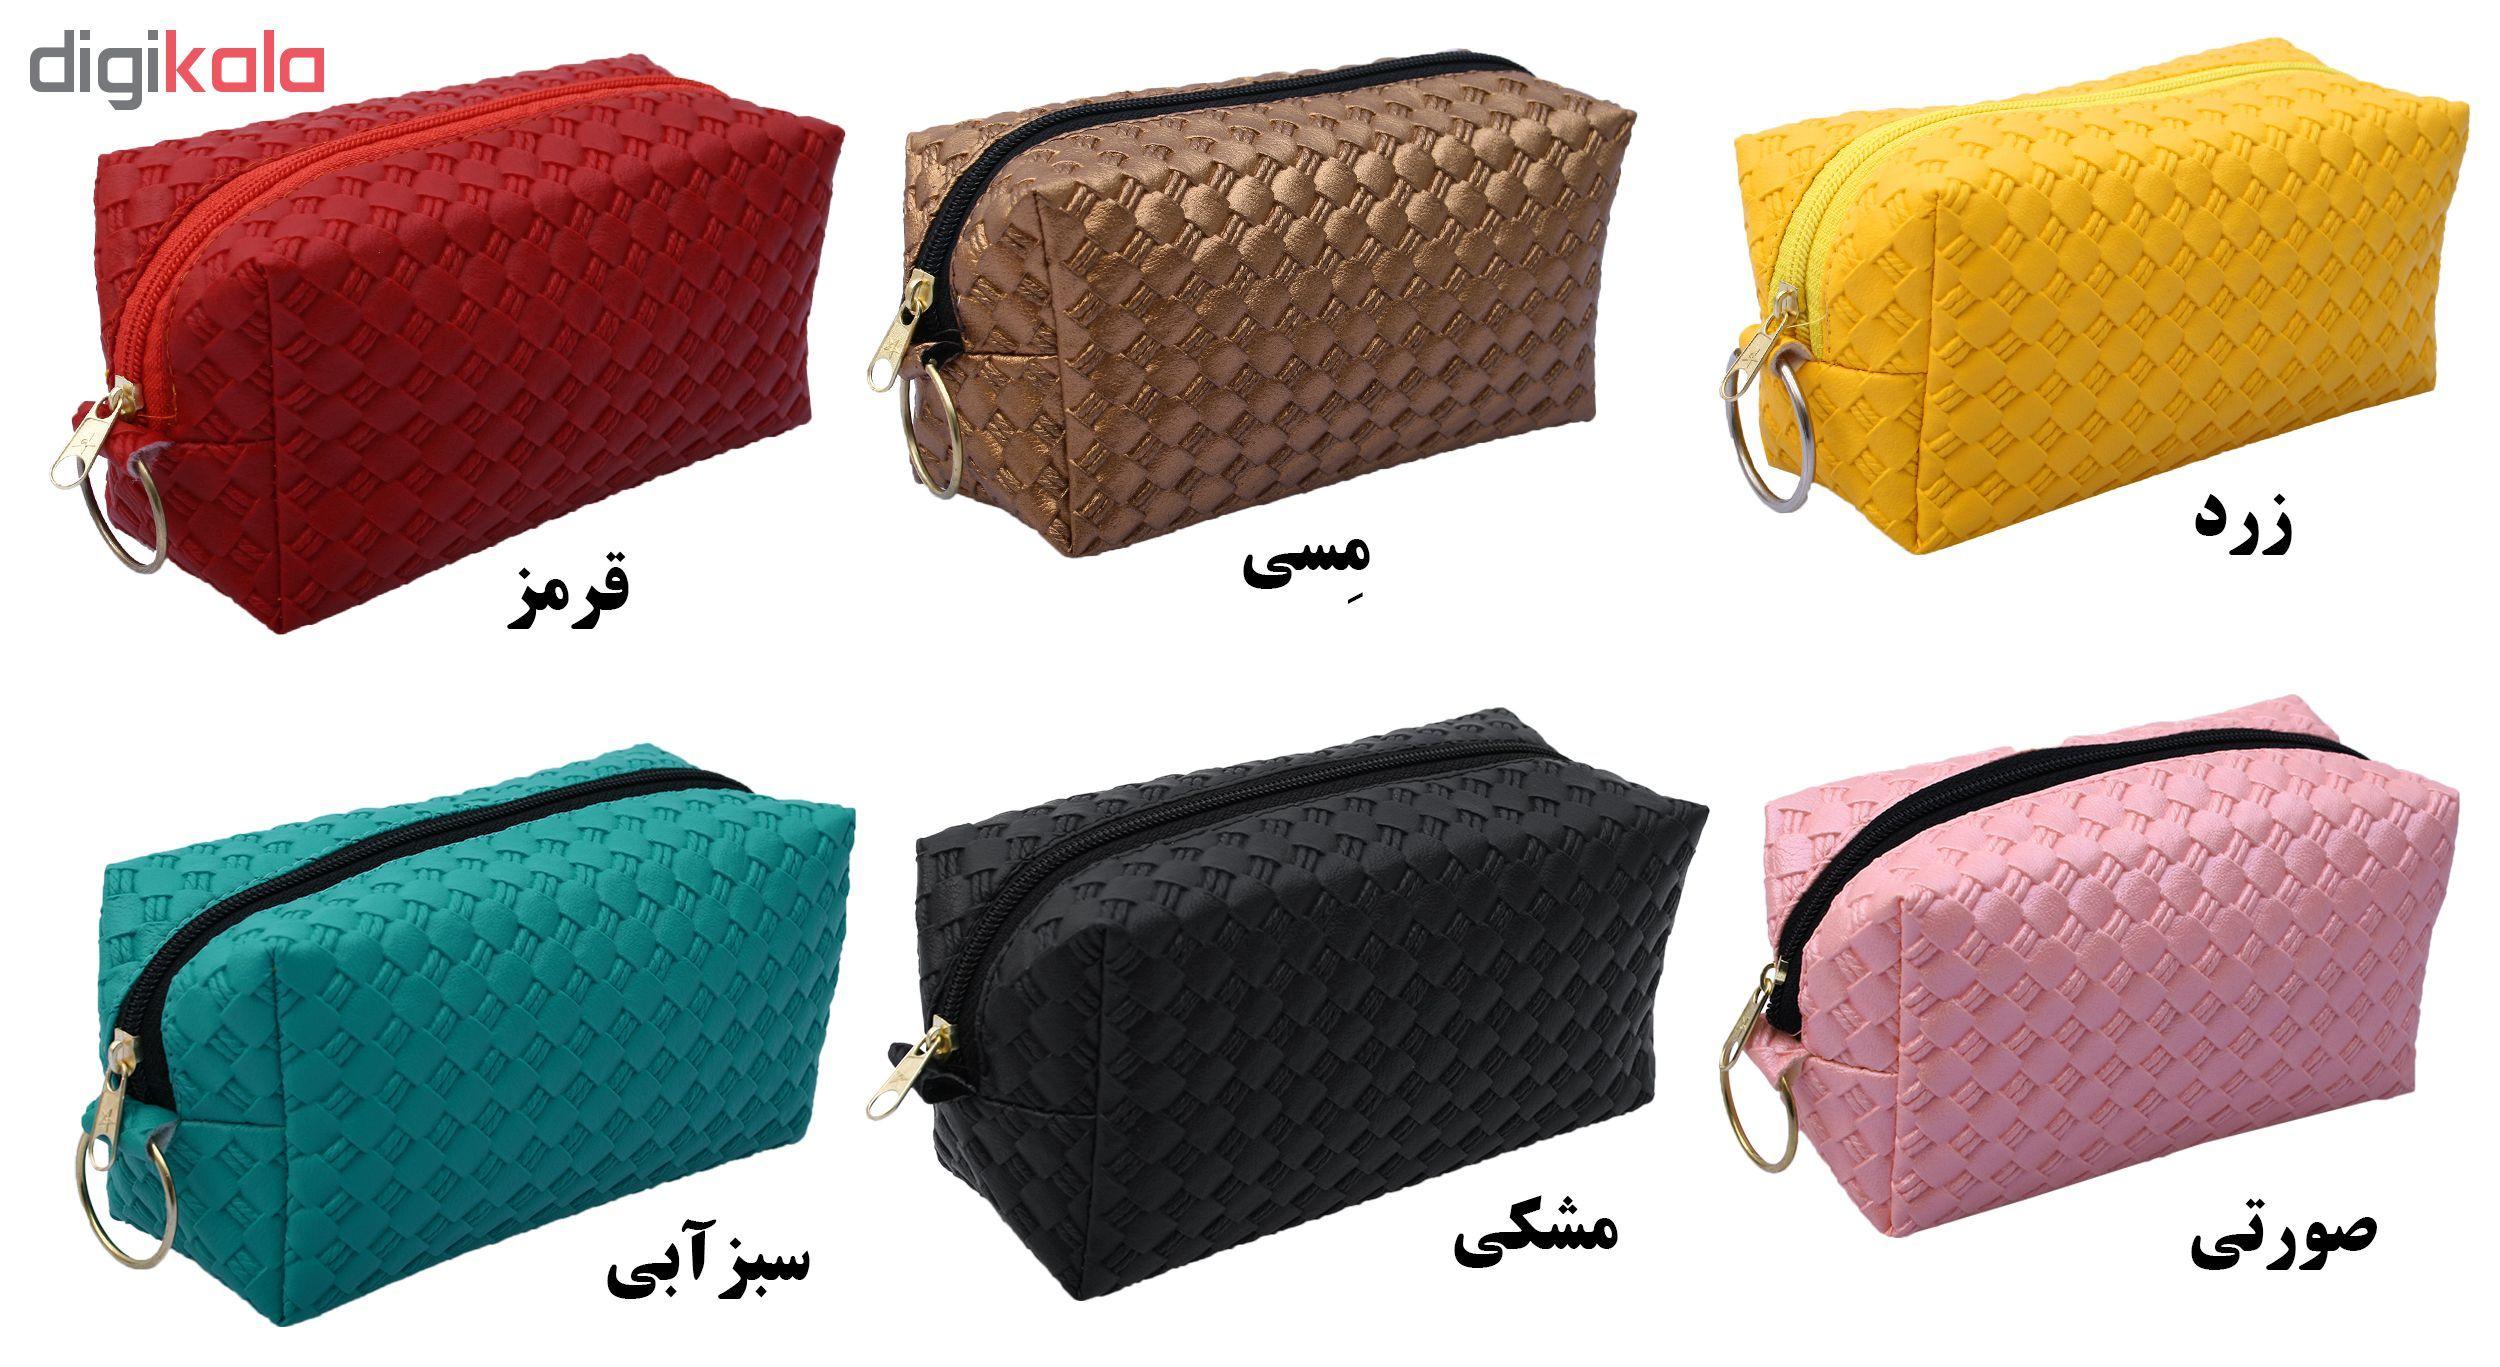 کیف لوازم آرایش کد GT0103 main 1 17